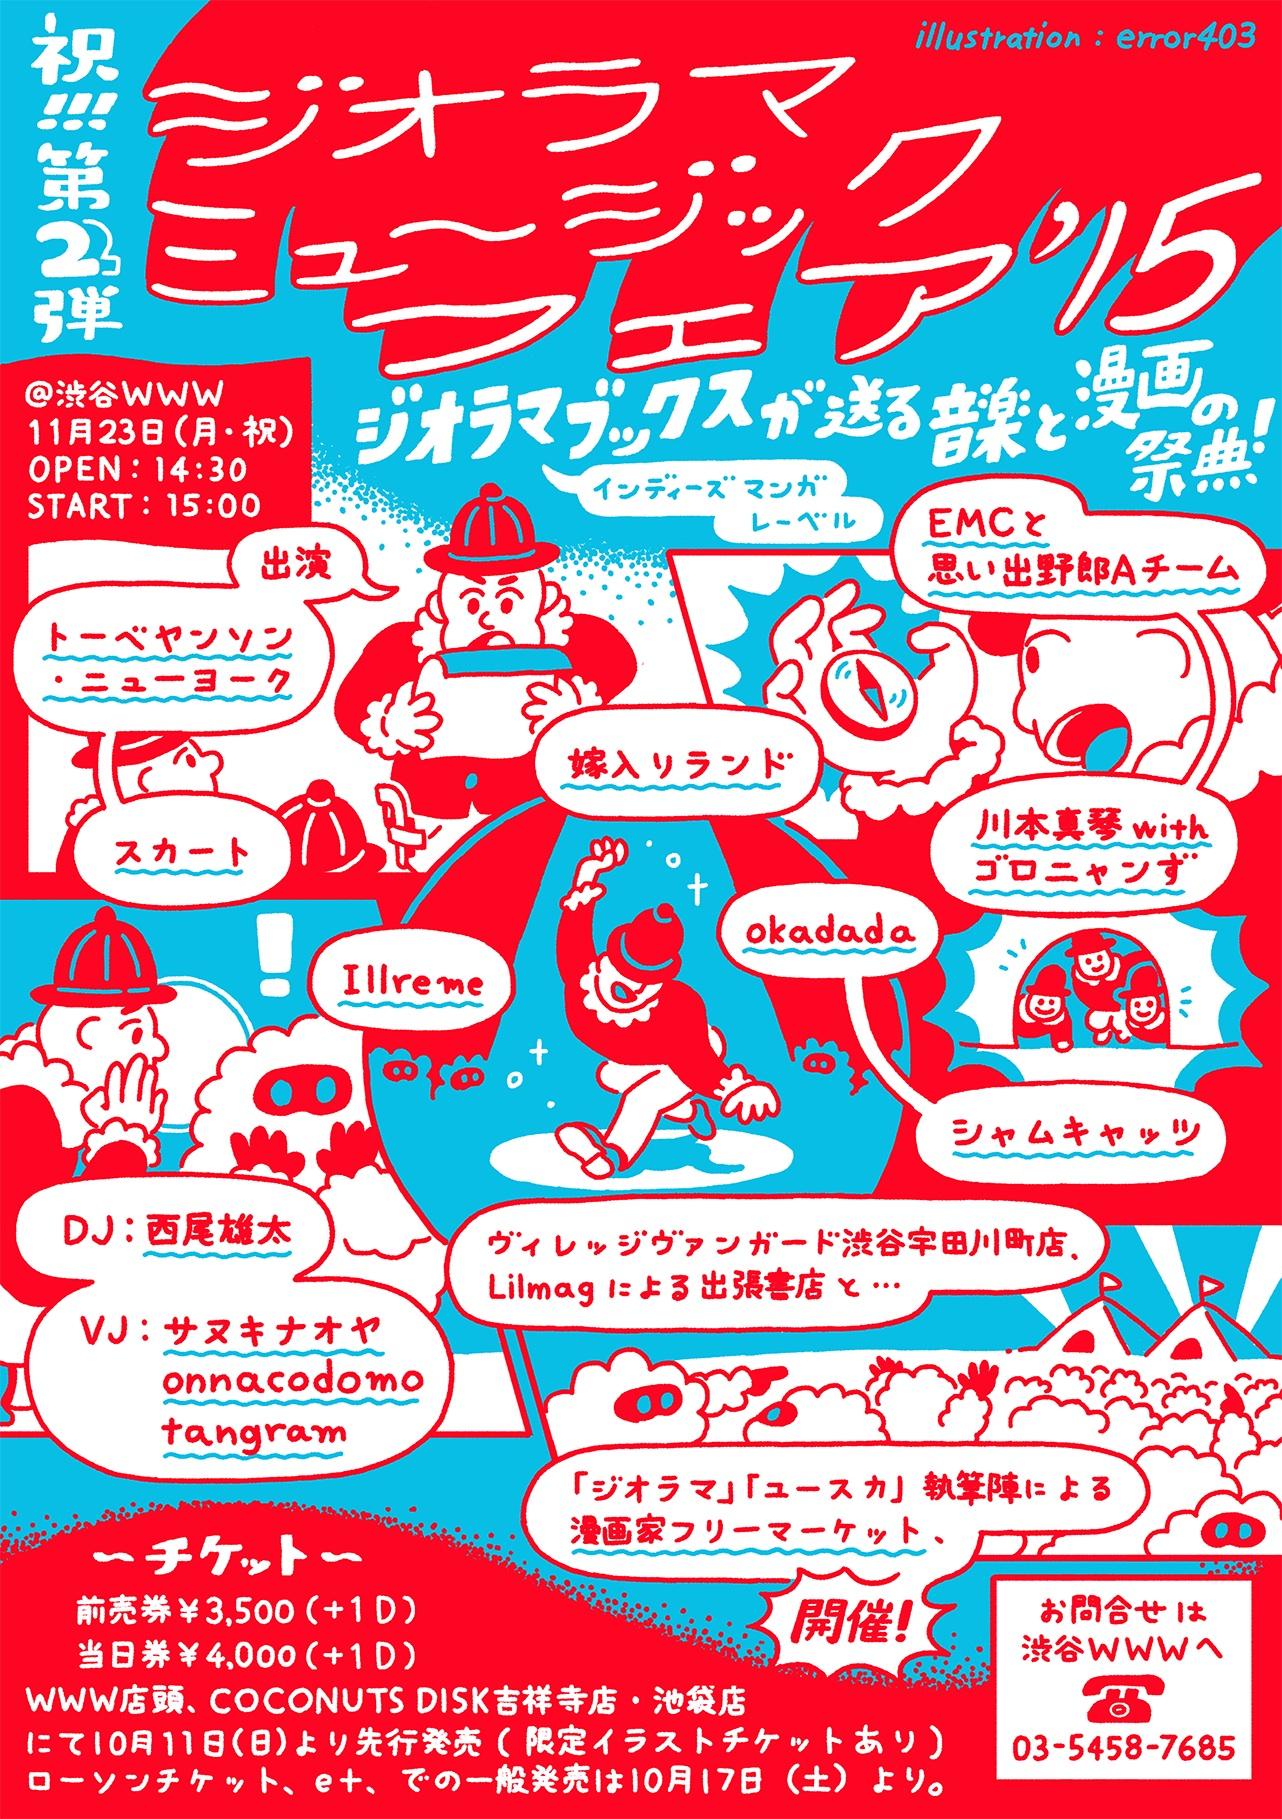 11月23日に渋谷wwwで開催の『ジオラマミュージックフェア'15』に、シャム